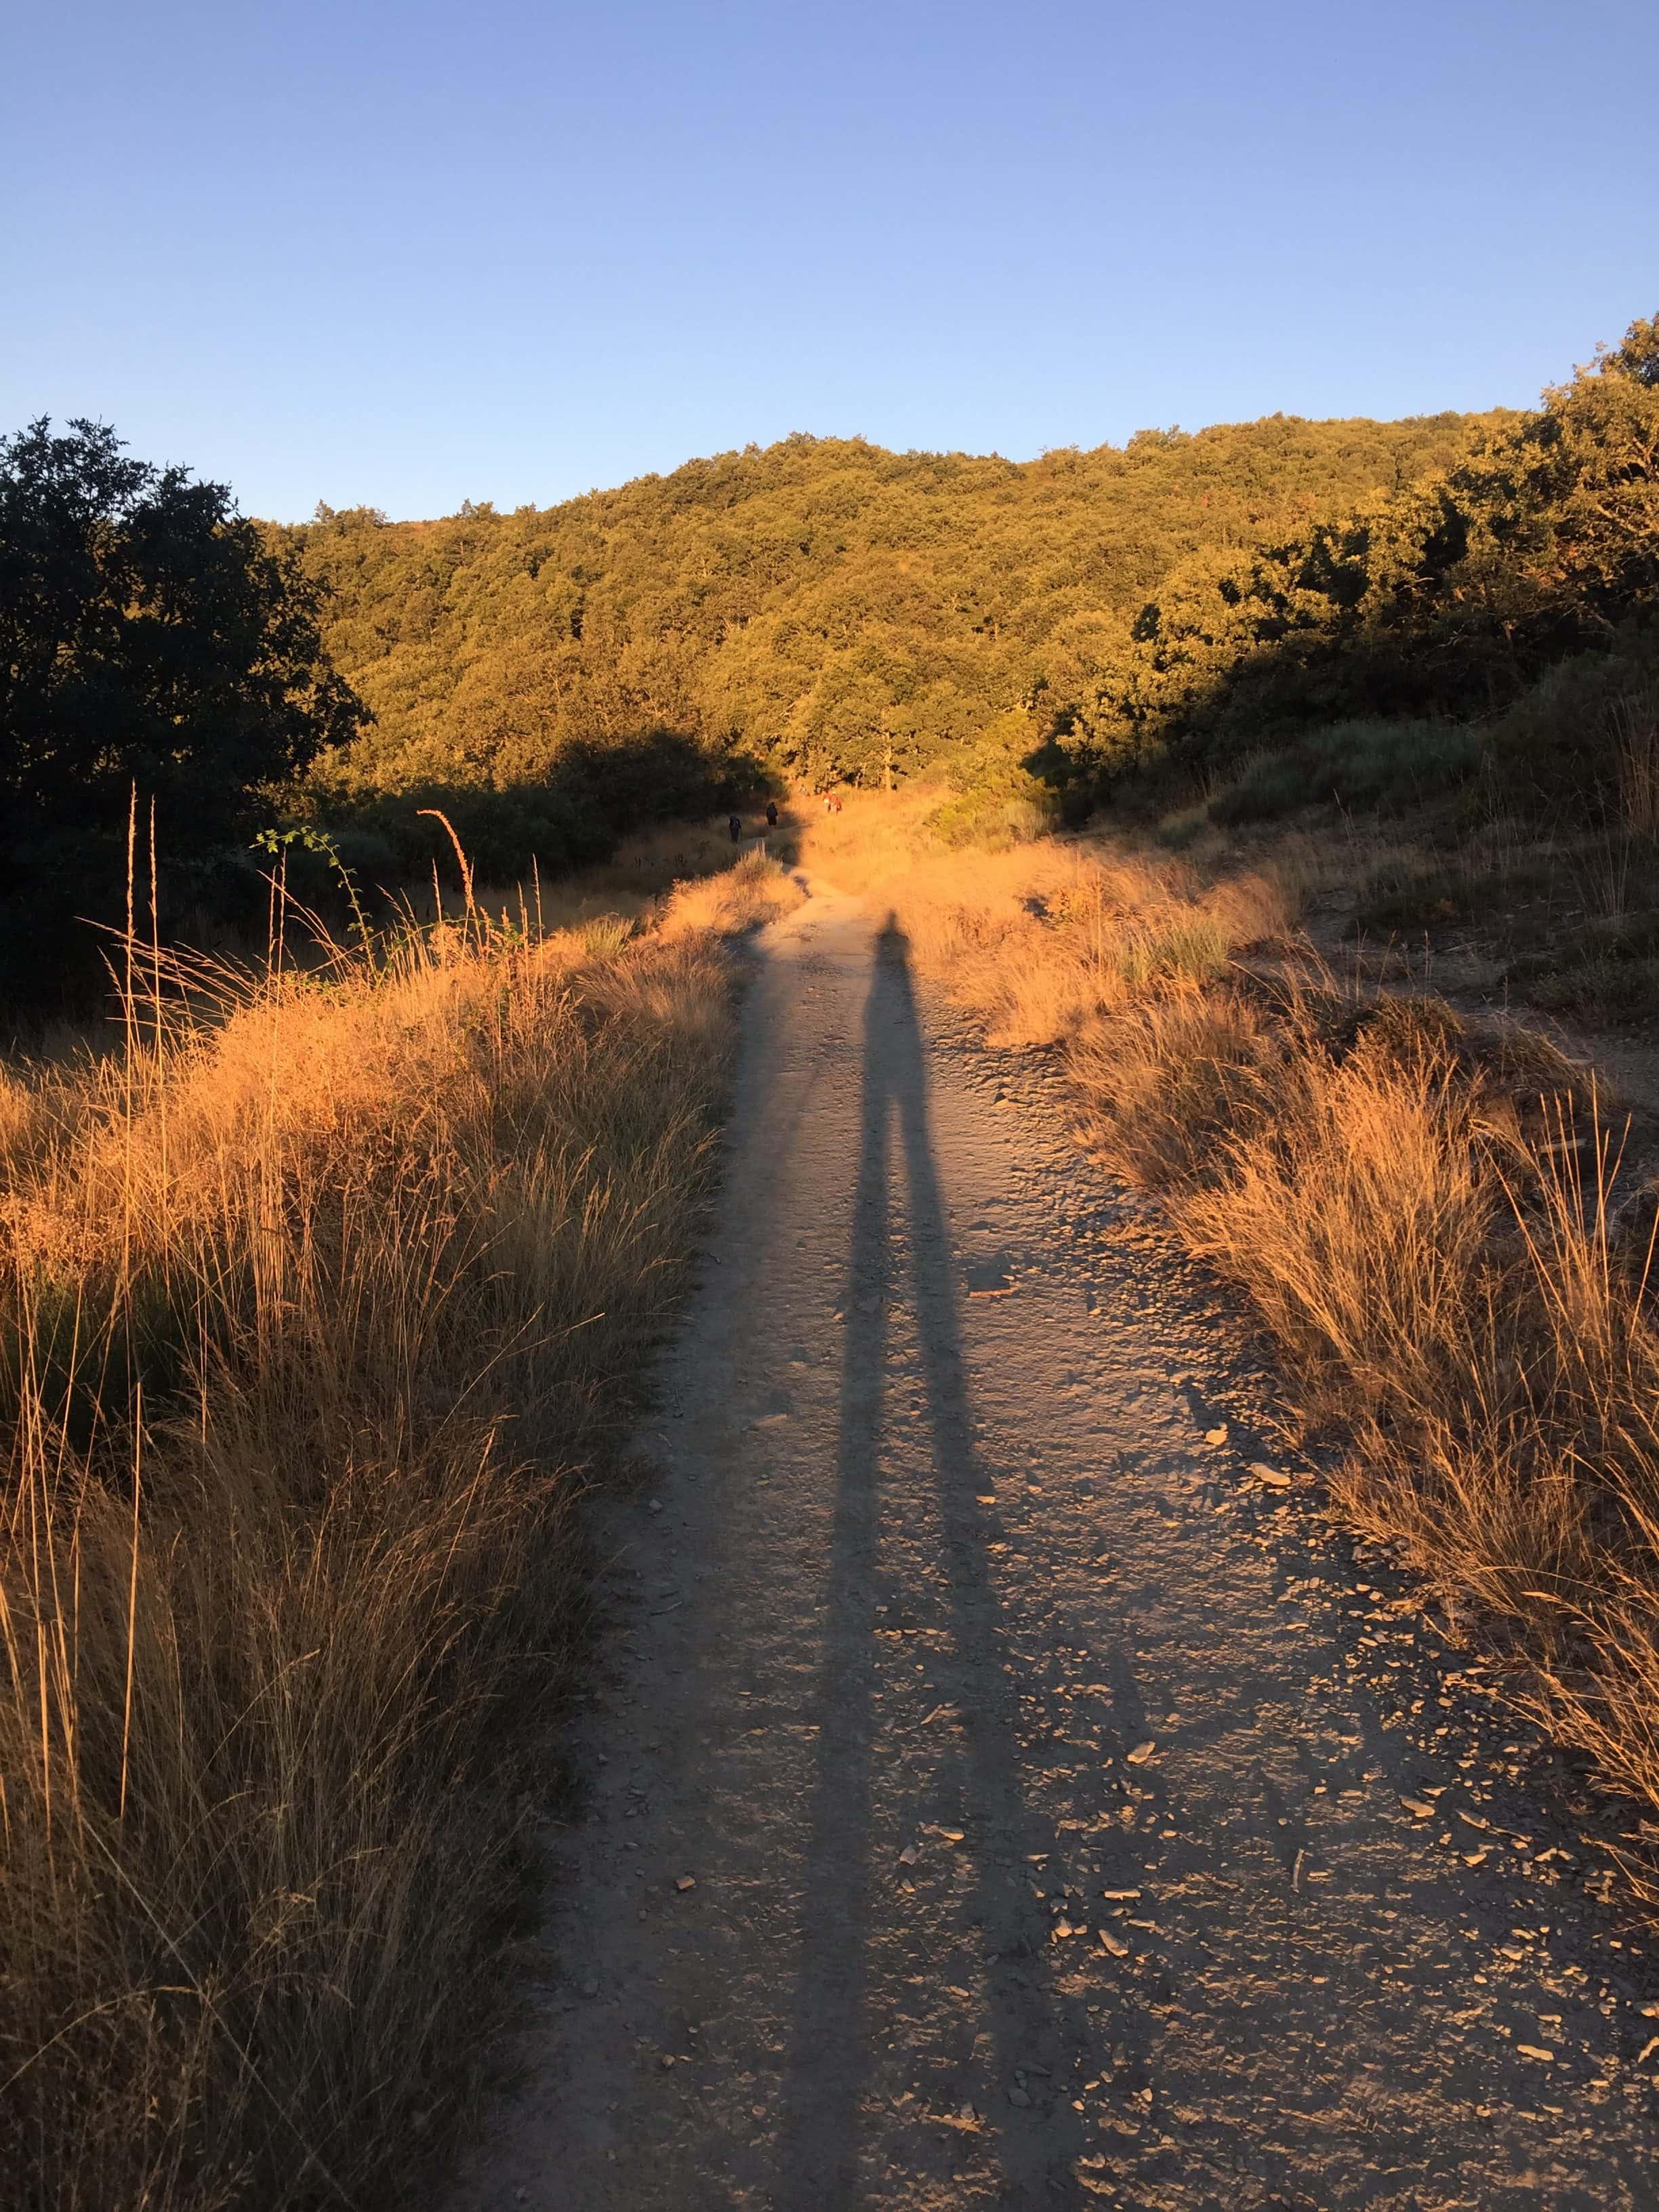 Love the early morning walks with LOOOOOOng shadows